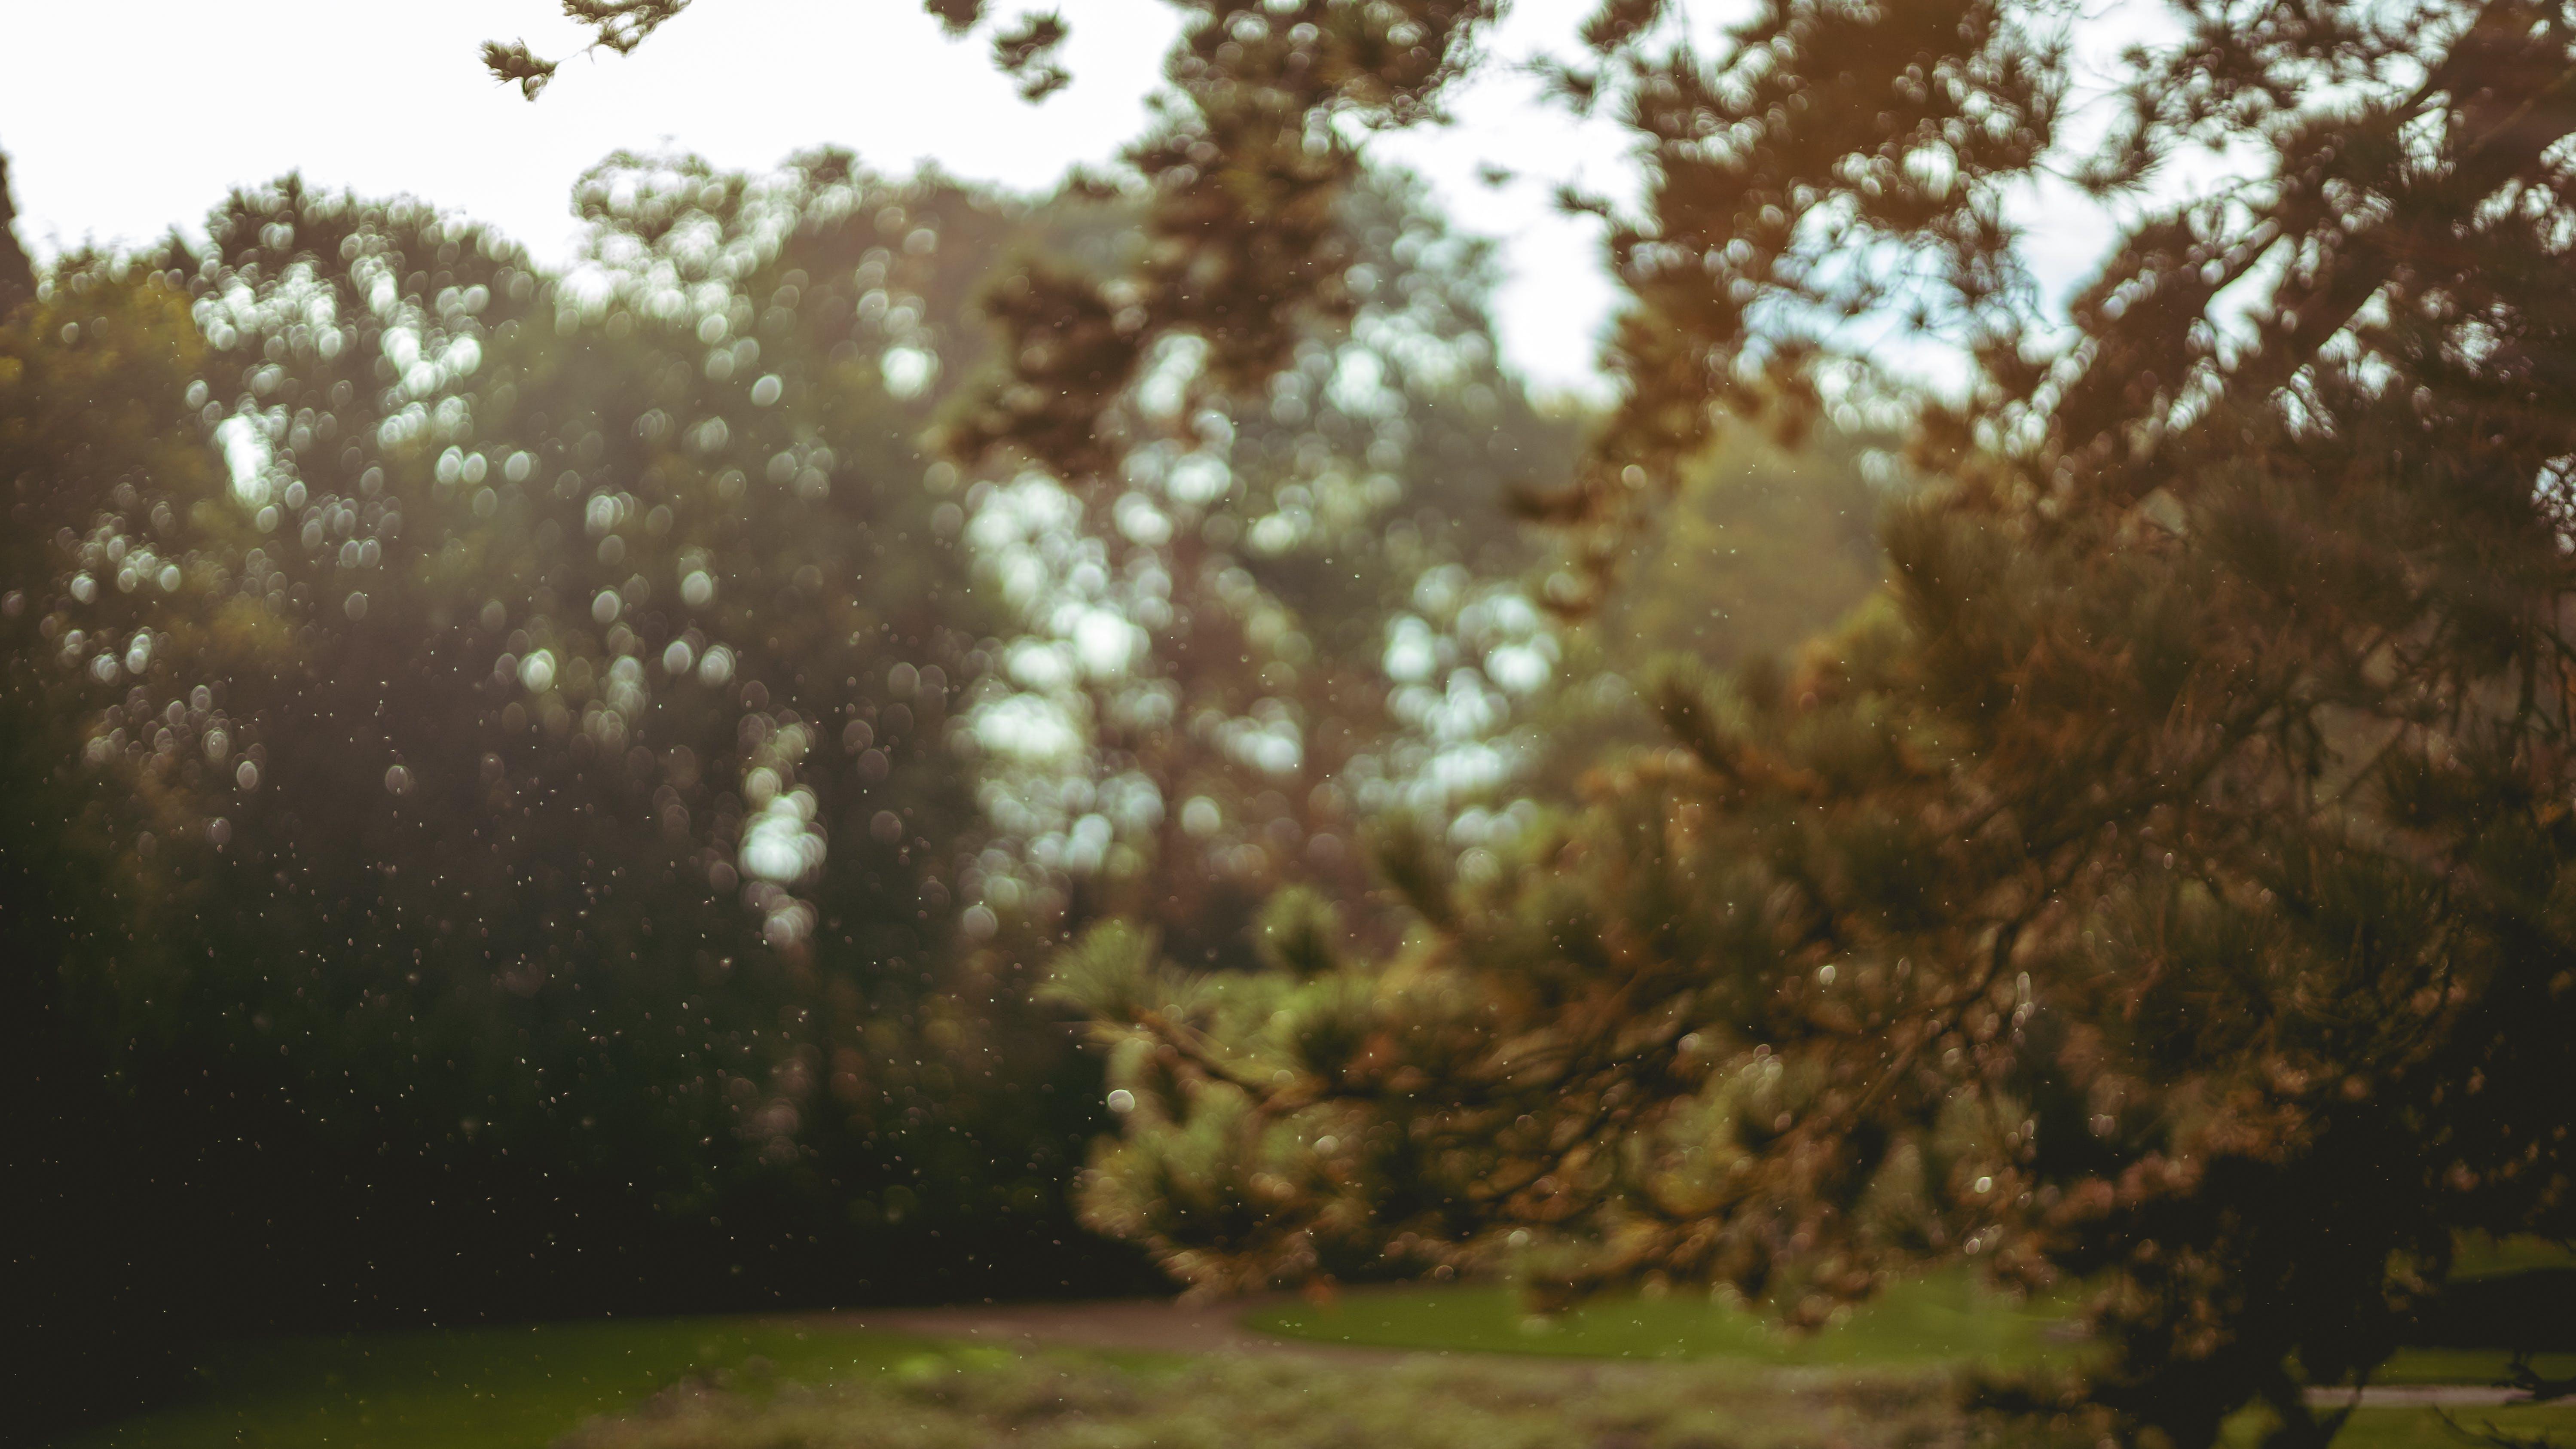 Δωρεάν στοκ φωτογραφιών με βροχή, ομίχλη, πάρκο, σκοτάδι